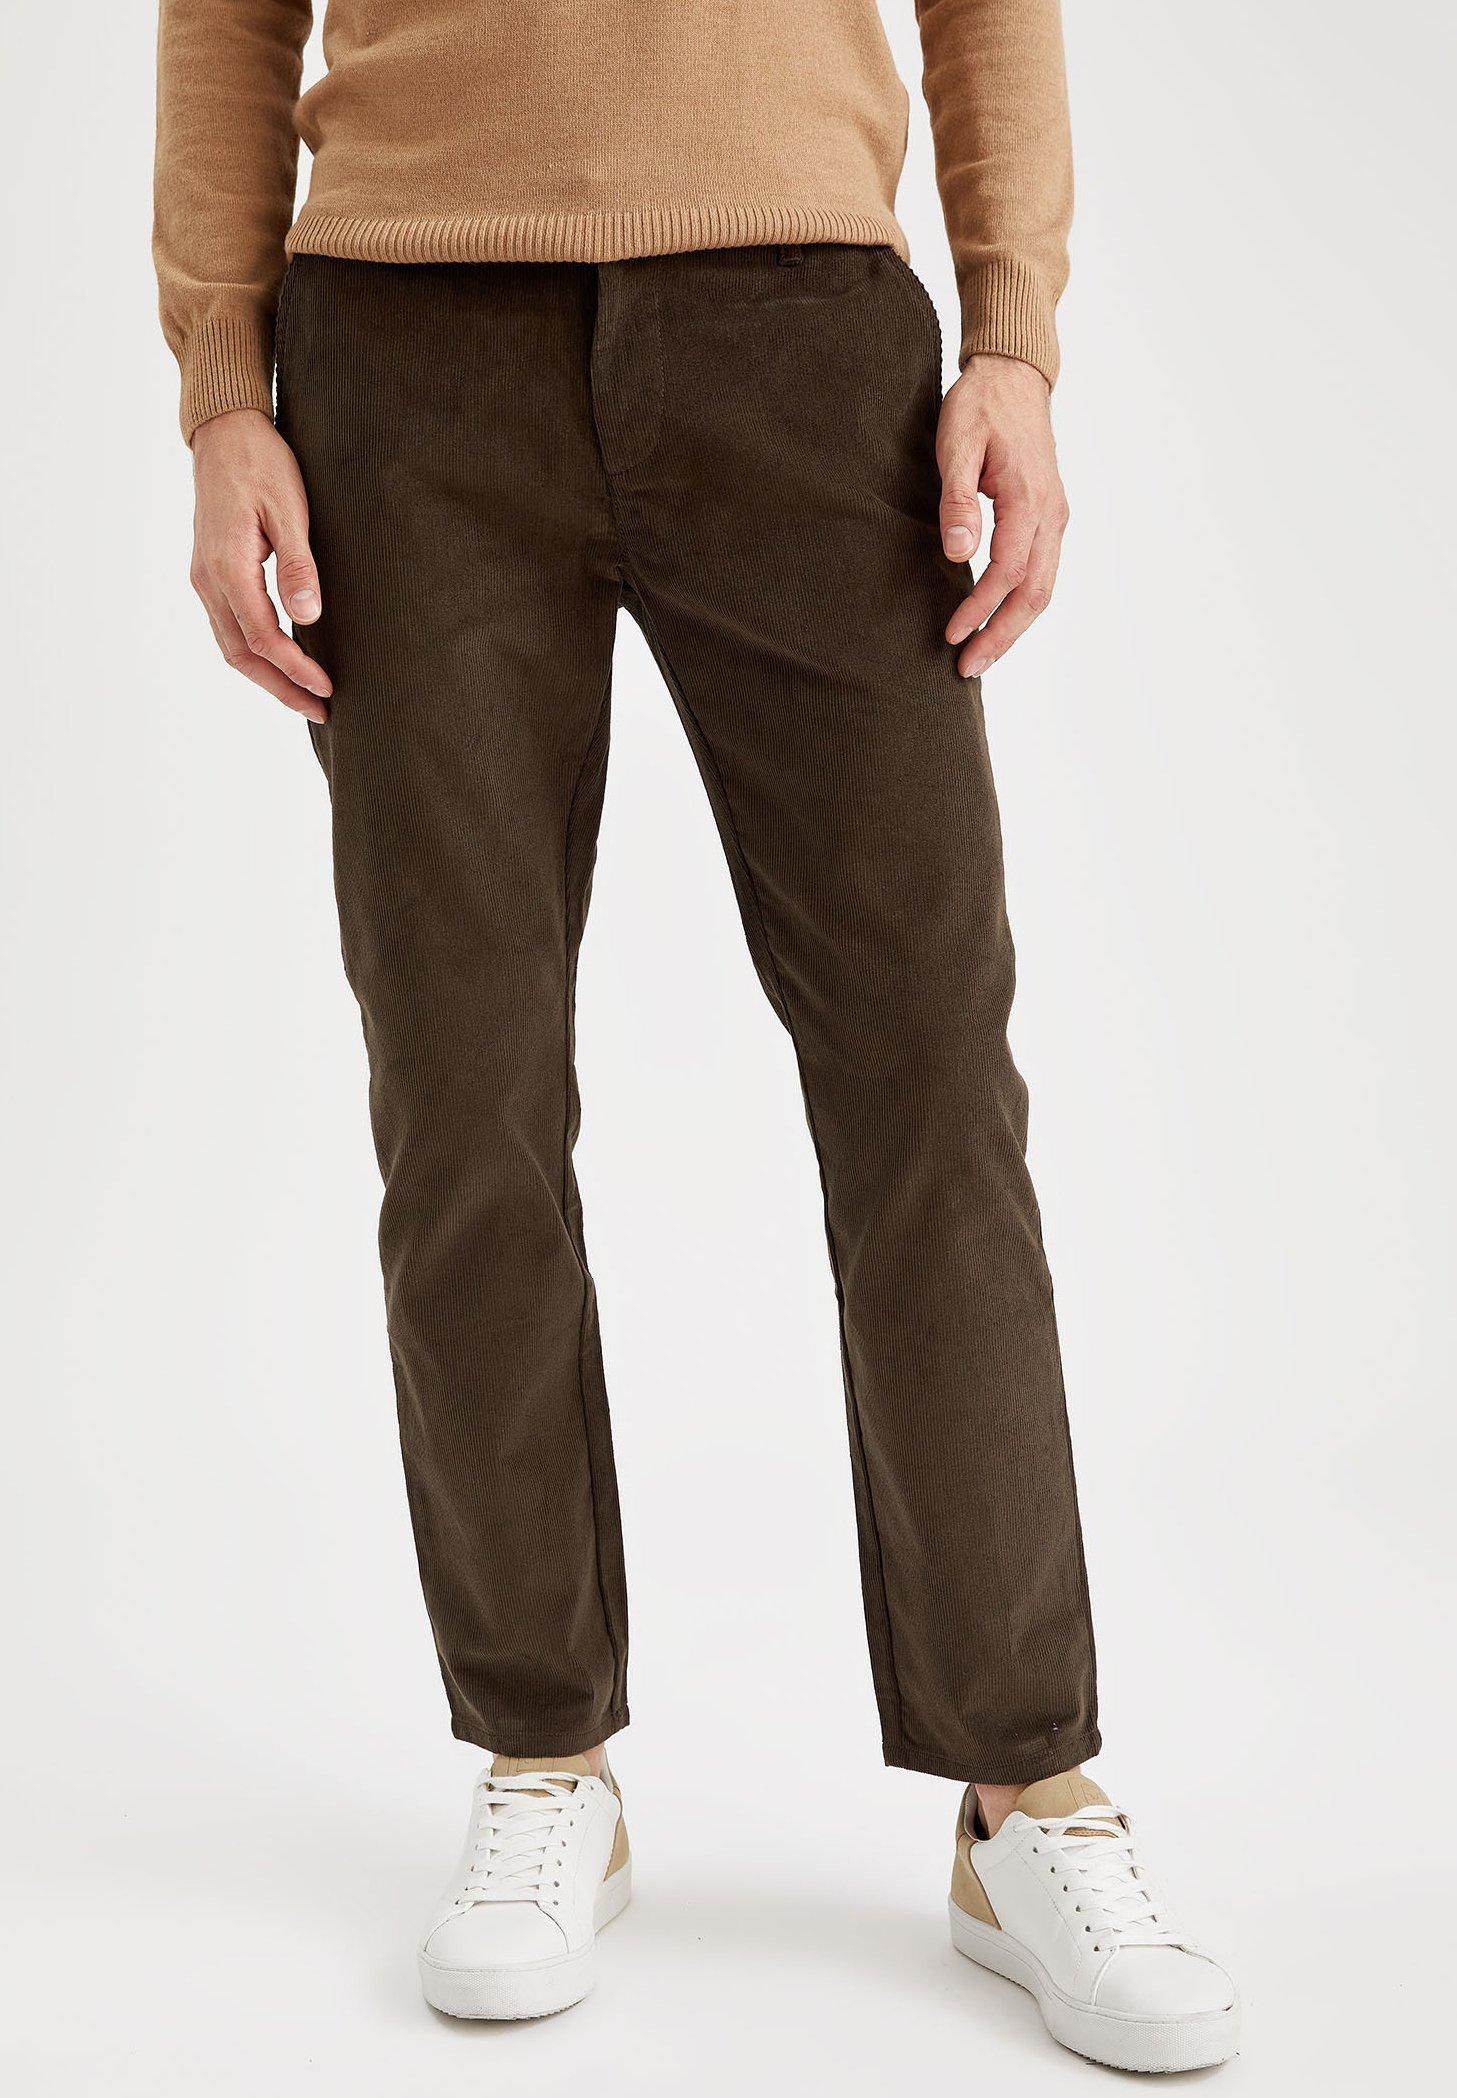 Pantalon DeFacto Chino pour Hommes - Tailles au choix